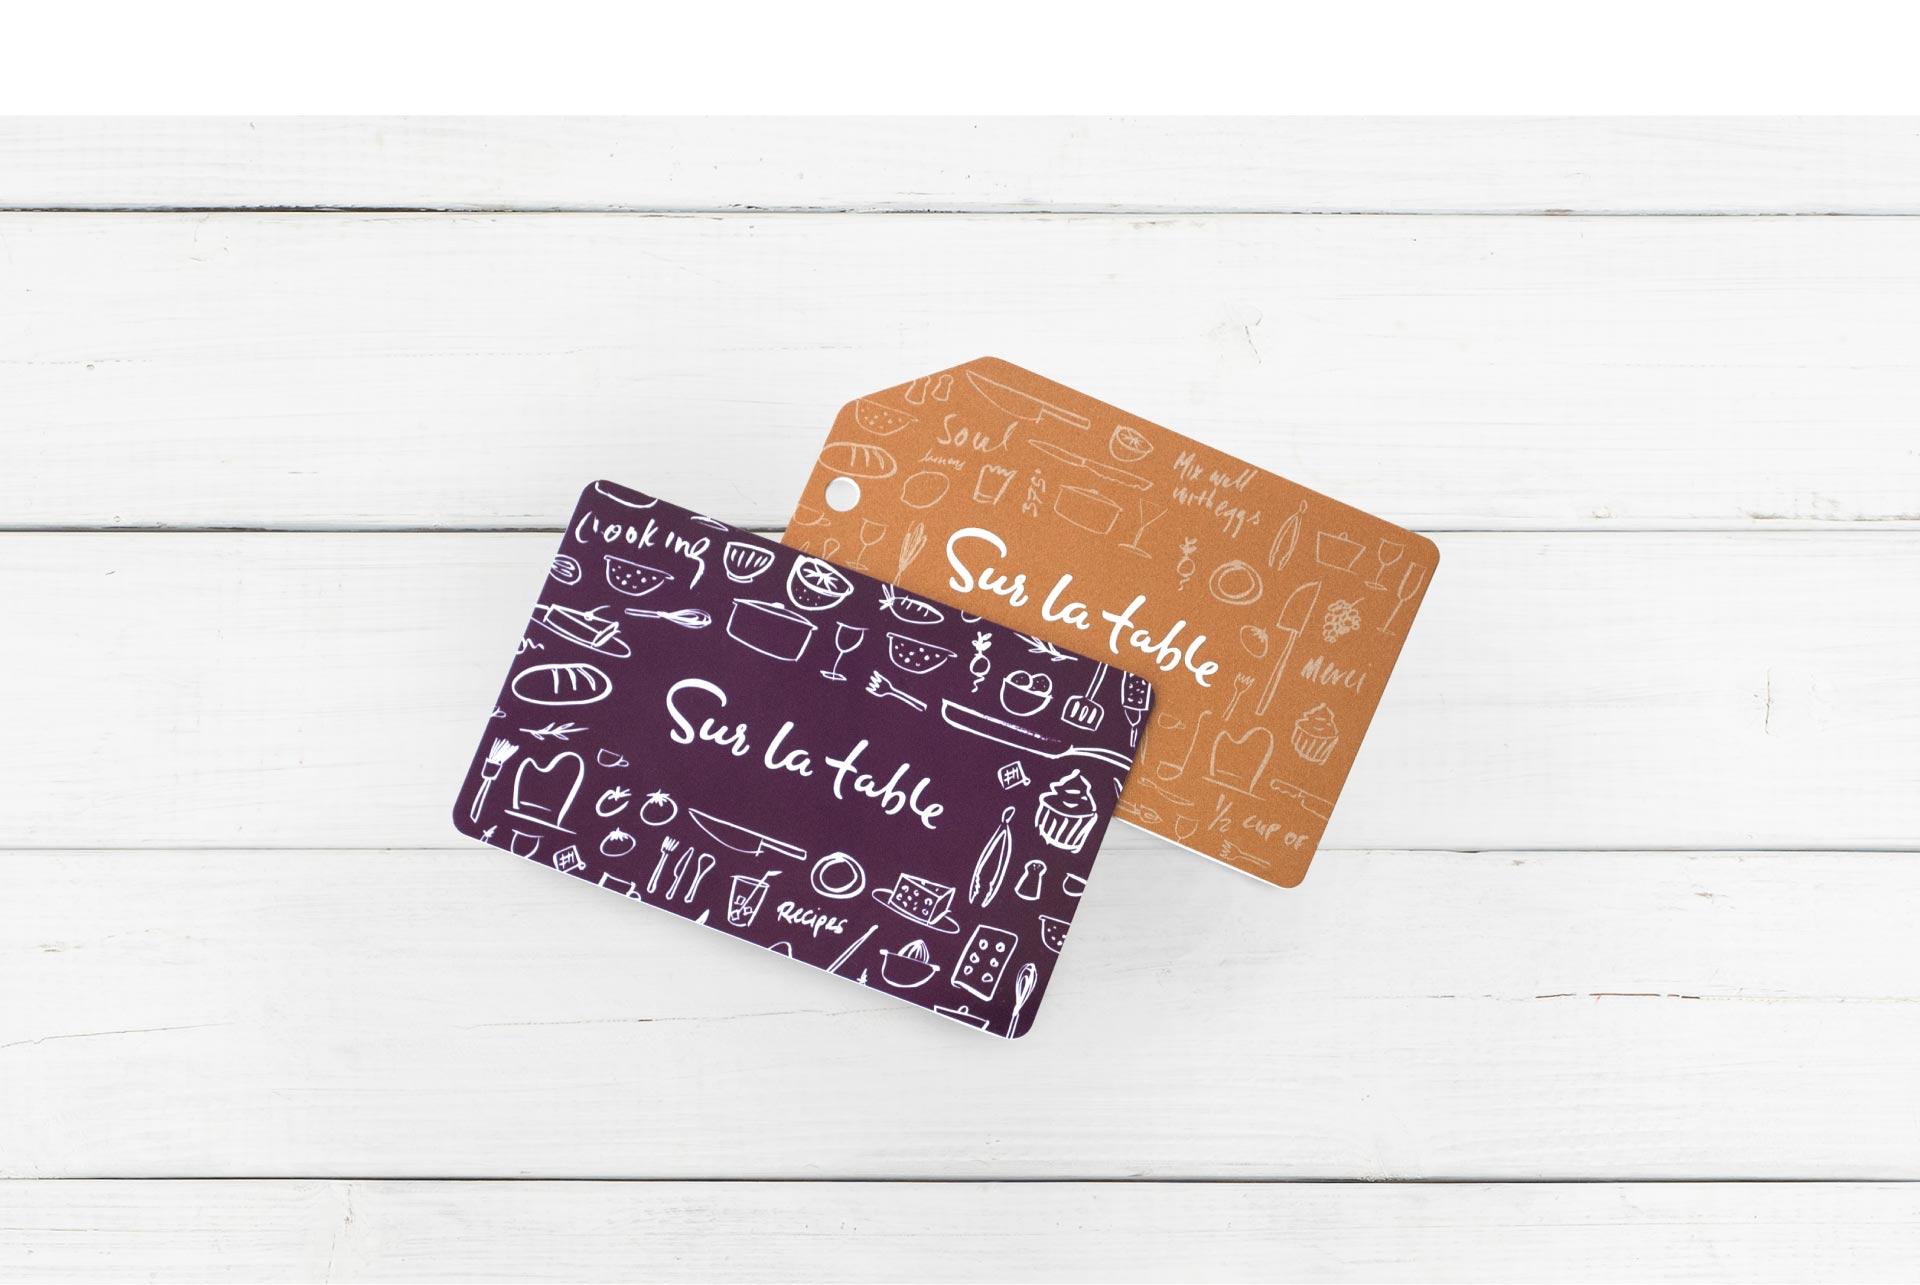 Creative_Retail_Packaging_Branding_Design_Sur_La_Table_33_2.jpg